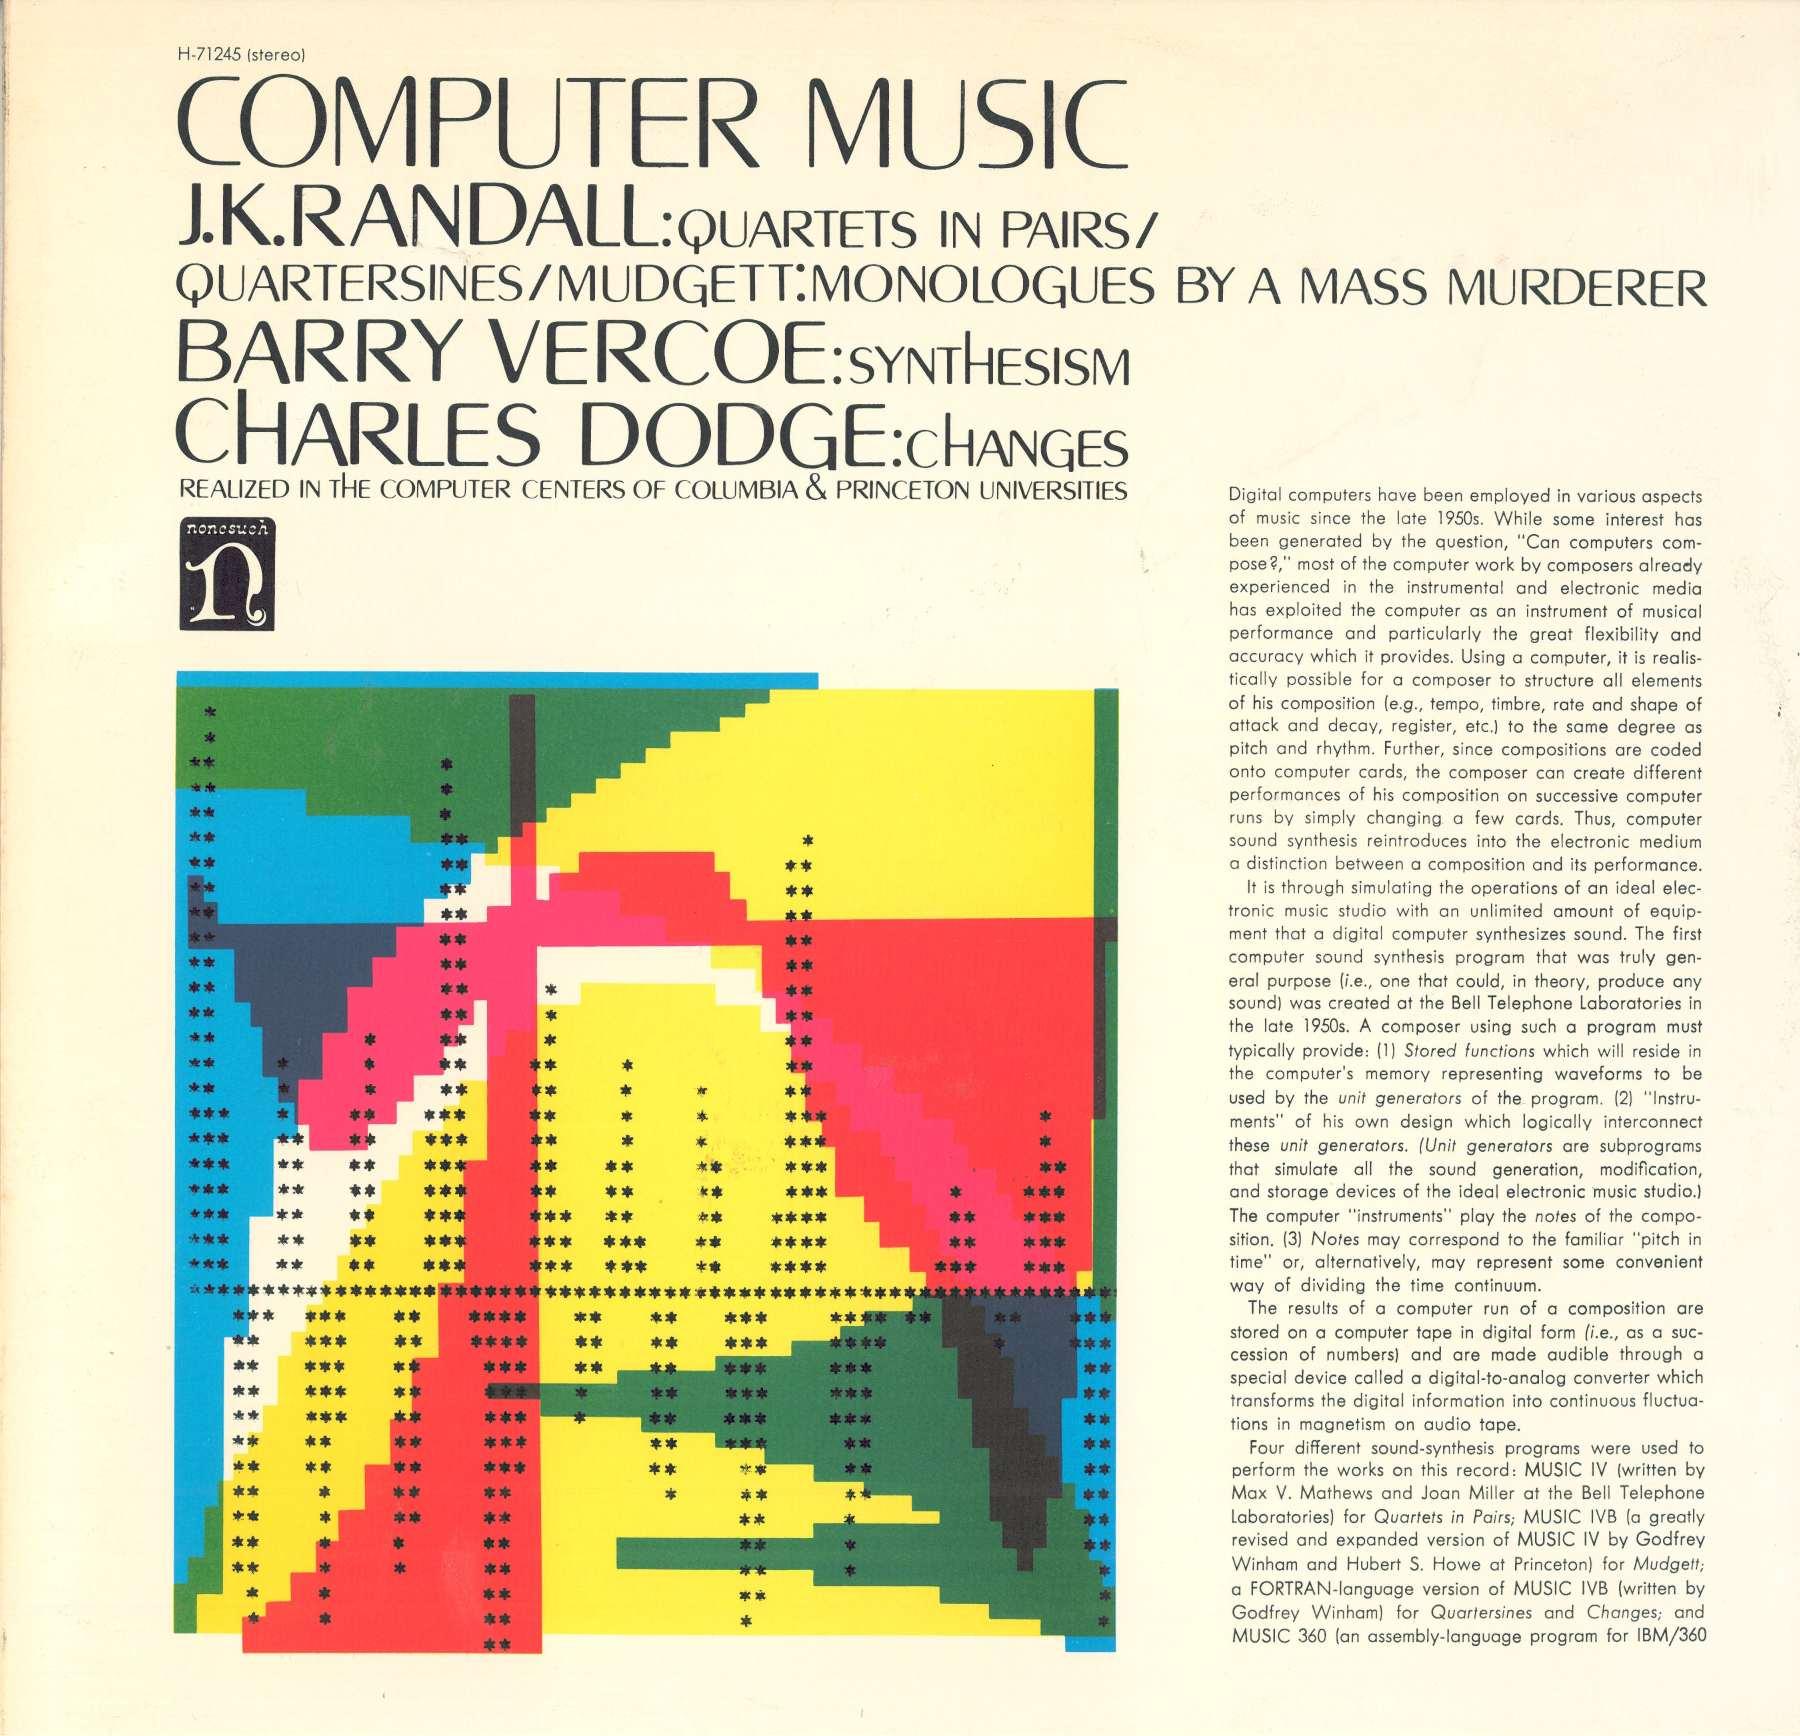 John Cage Lejaren Hiller Ben Johnston HPSCHD String Quartet No 2